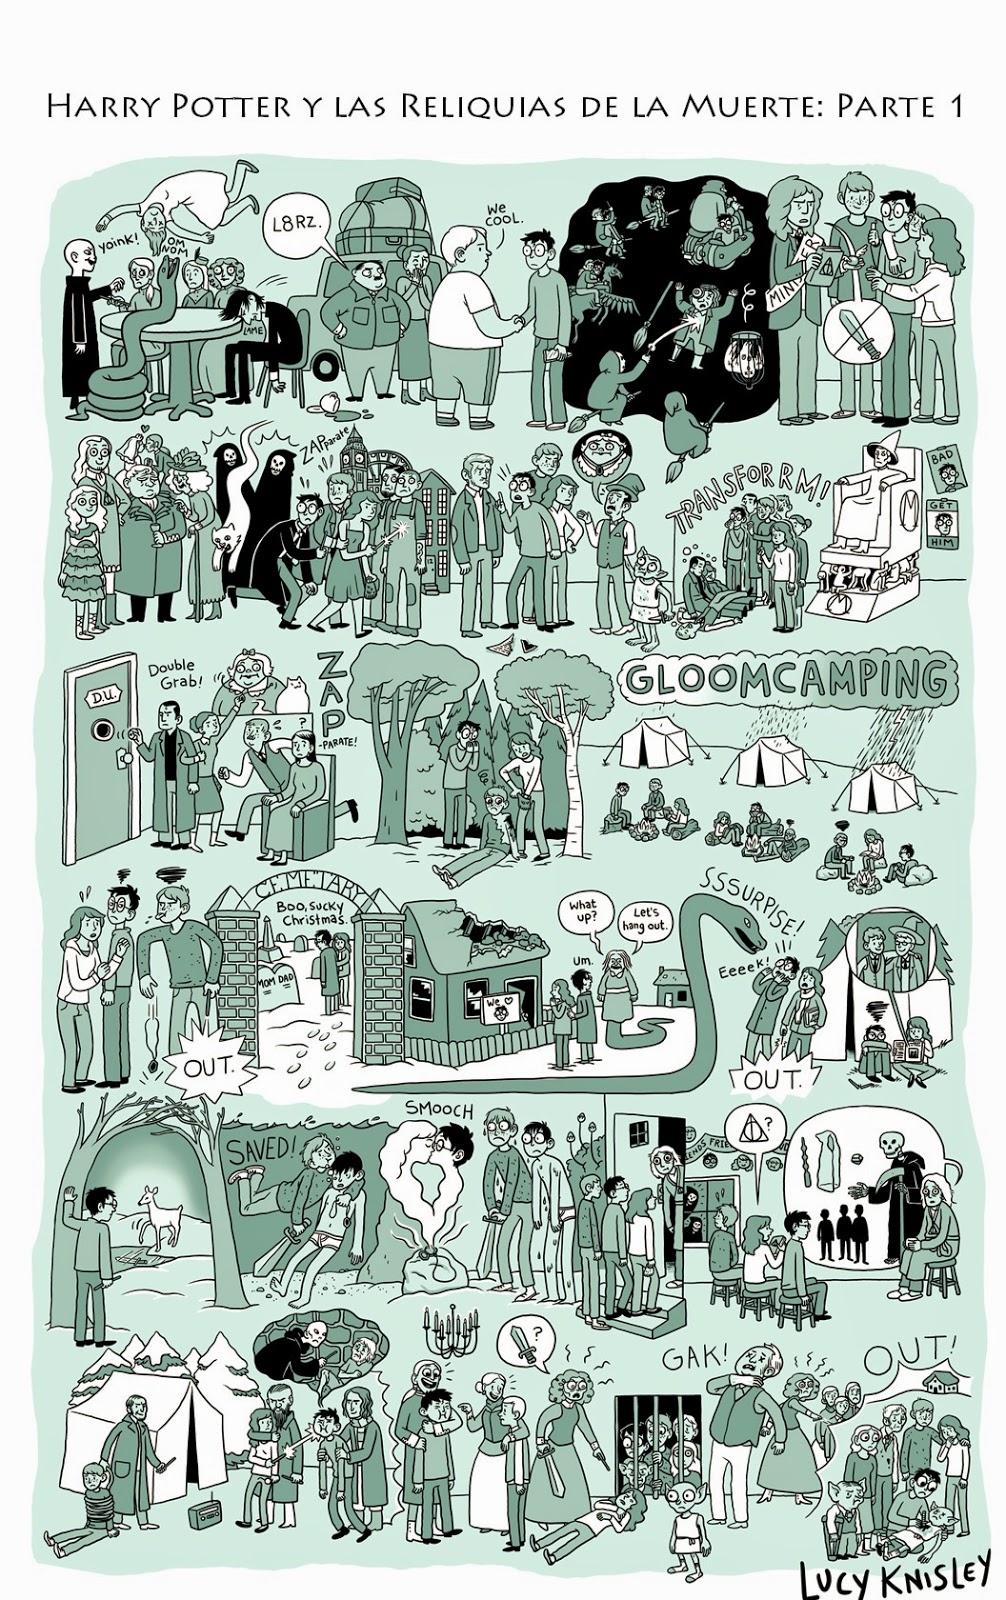 viñeta resumen - Harry Potter y las reliquias de la muerte: parte 1